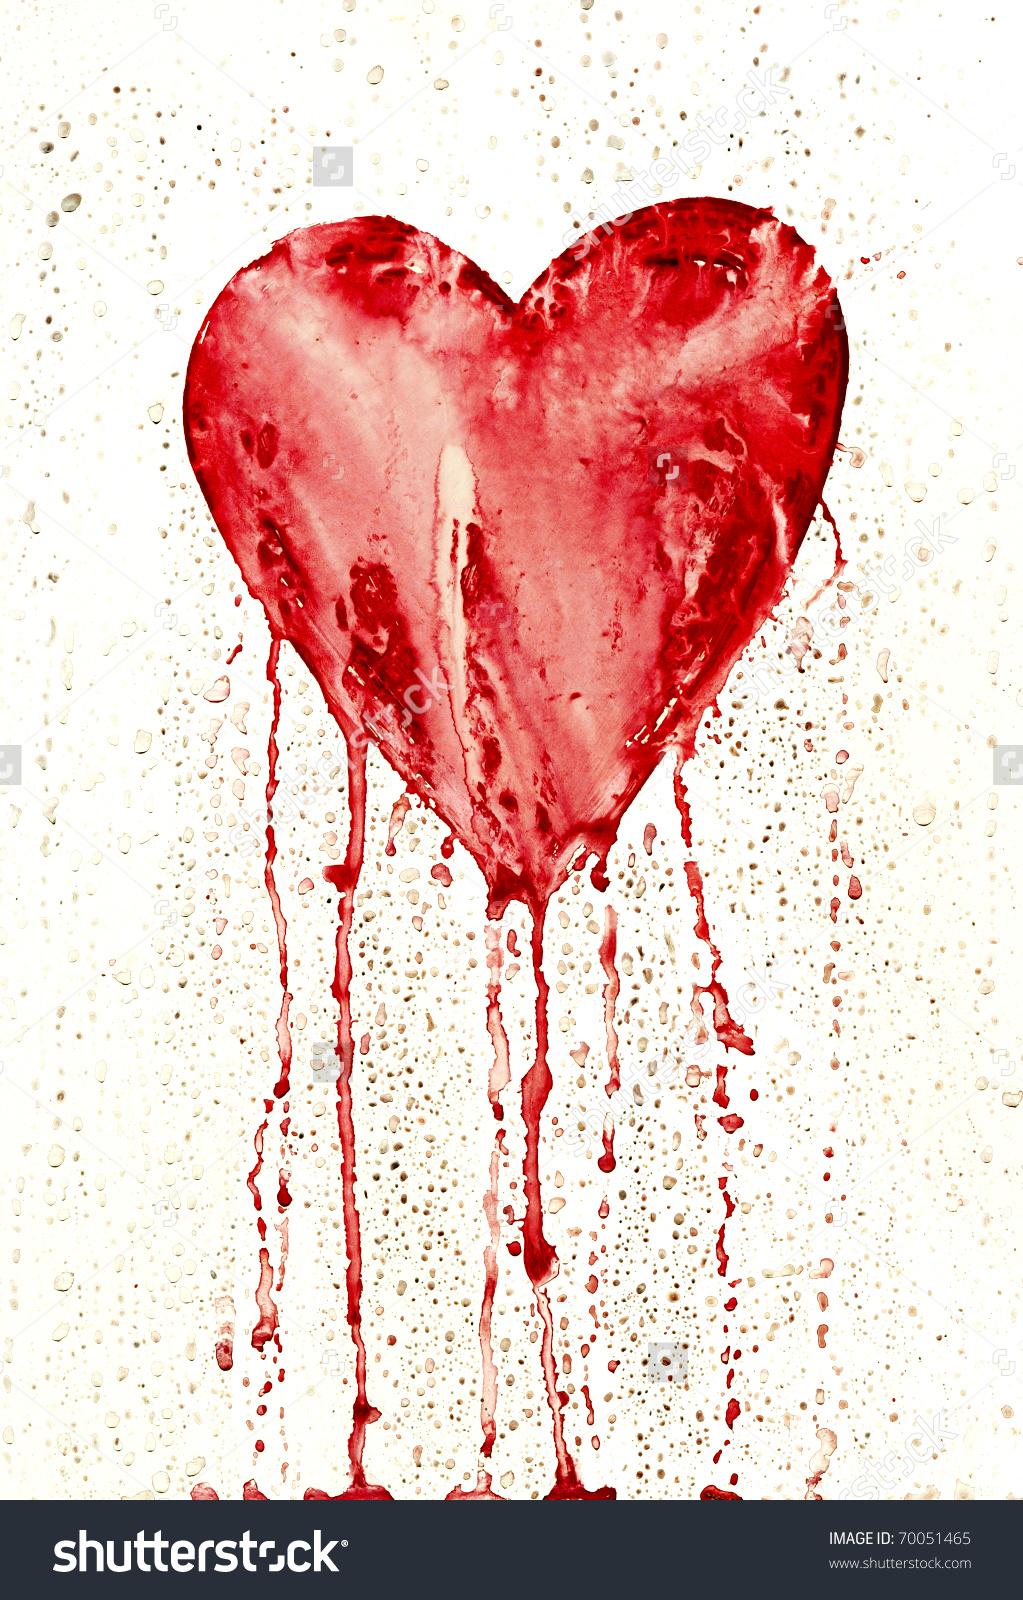 Bleeding Heart HD wallpapers, Desktop wallpaper - most viewed